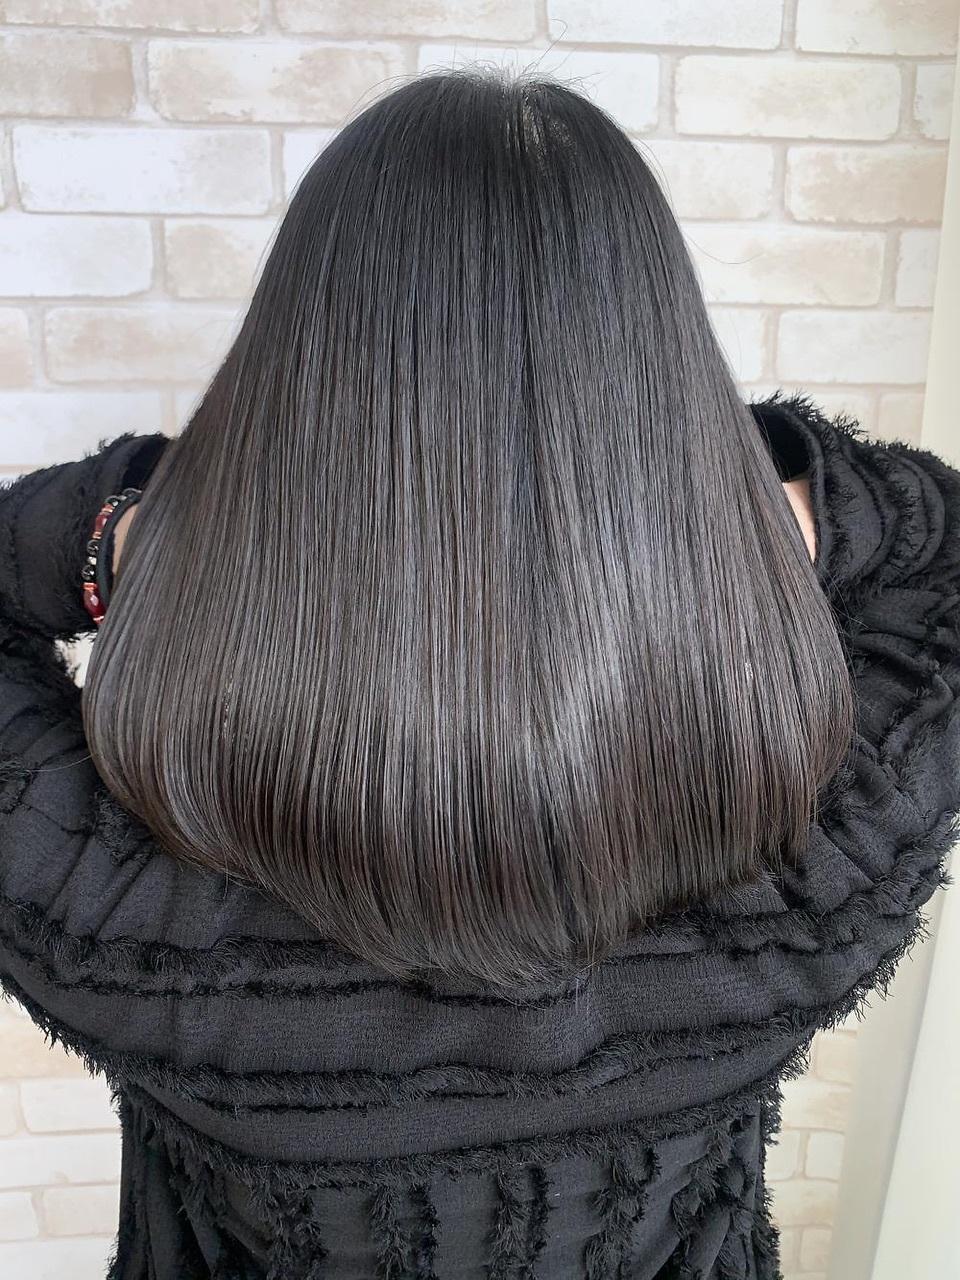 <Aujuaソムリエ在籍サロン>オーダーメイドトリートメントで徹底的なケア&髪質改善をご提供します。